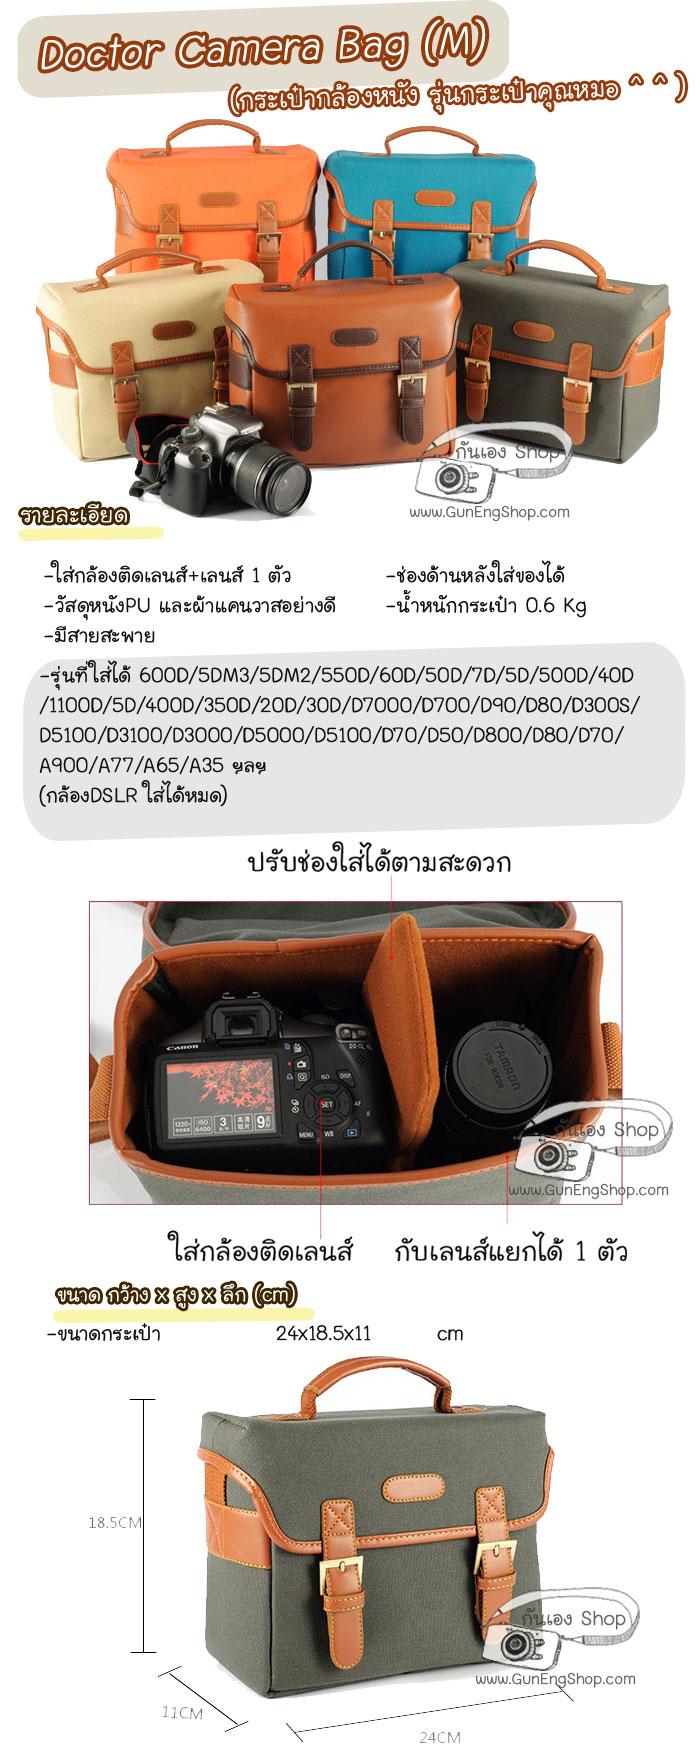 กระเป๋ากล้อง Doctor Camera Bag